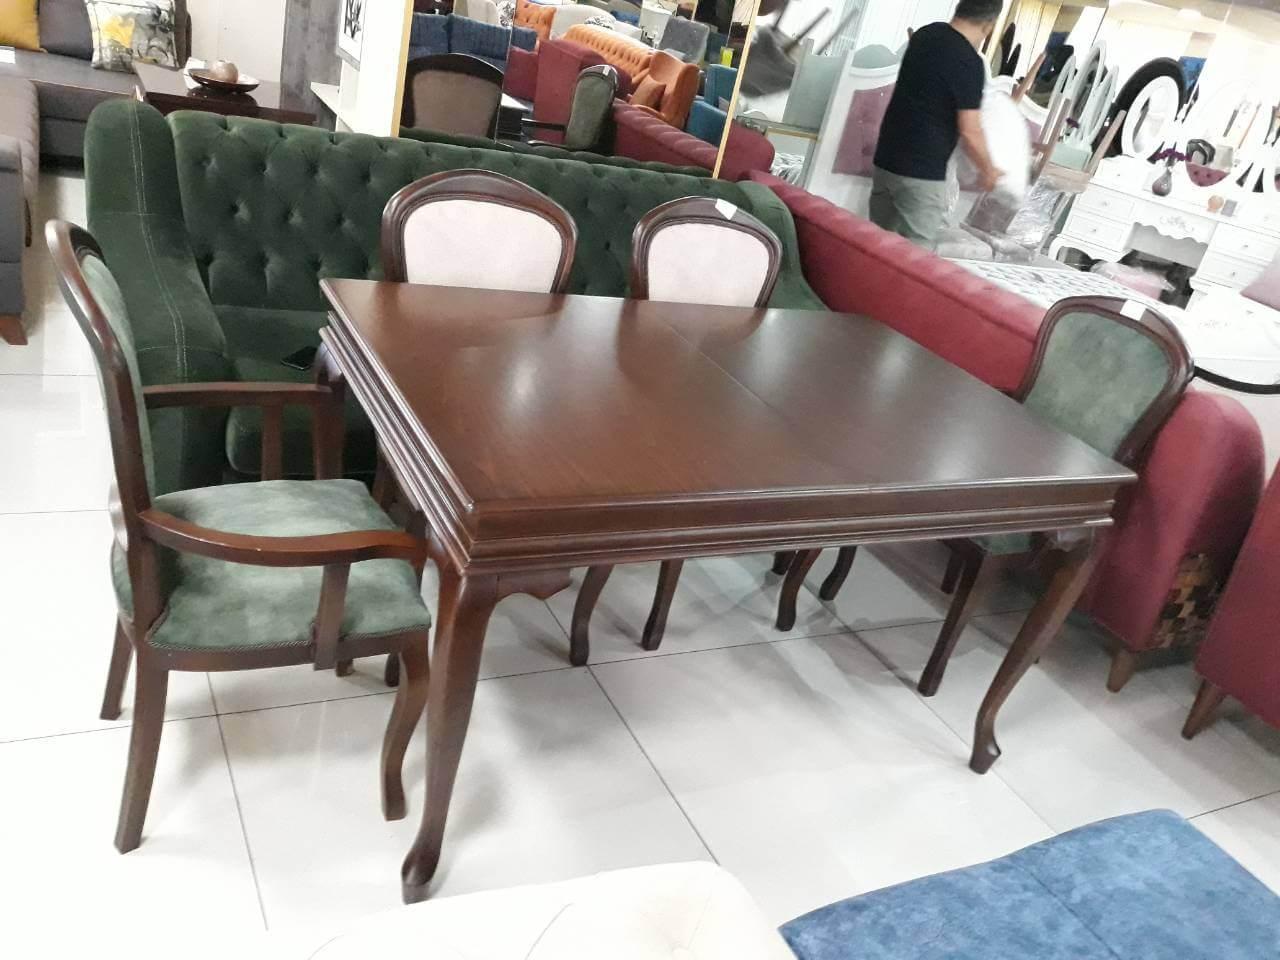 მაგიდა სკამები ხე რუმინეთი